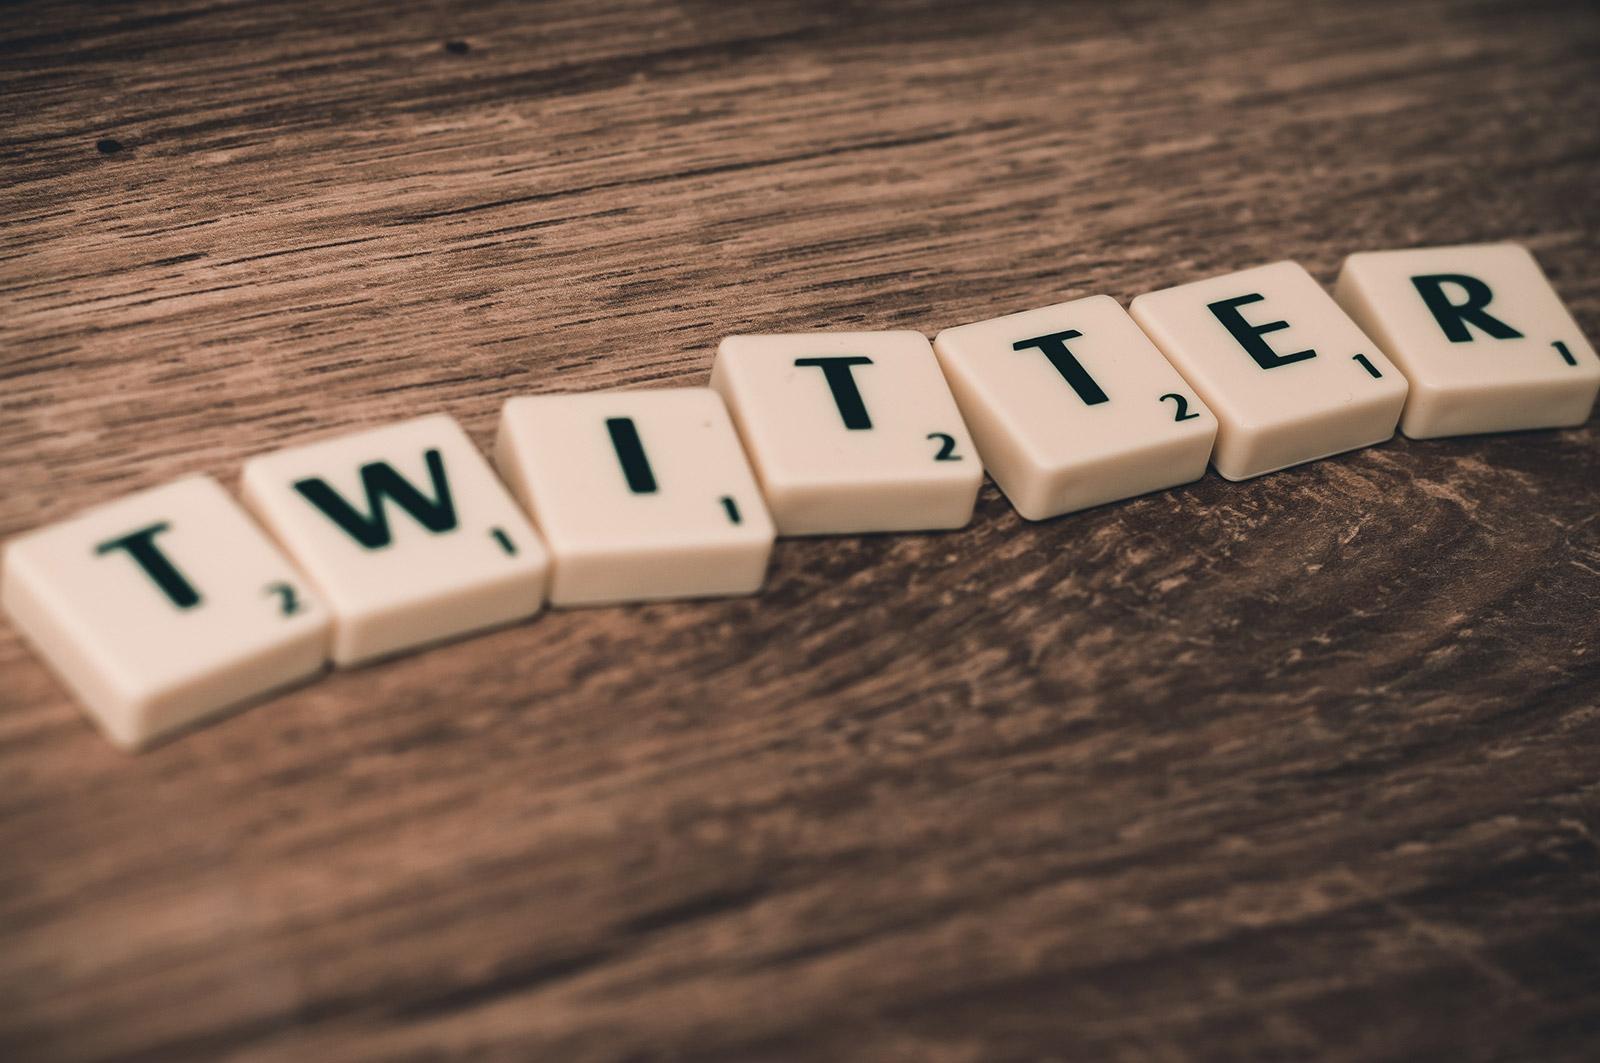 Der Heuhaufen Twitter – Soziale Netzwerkanalyse mit Big Data